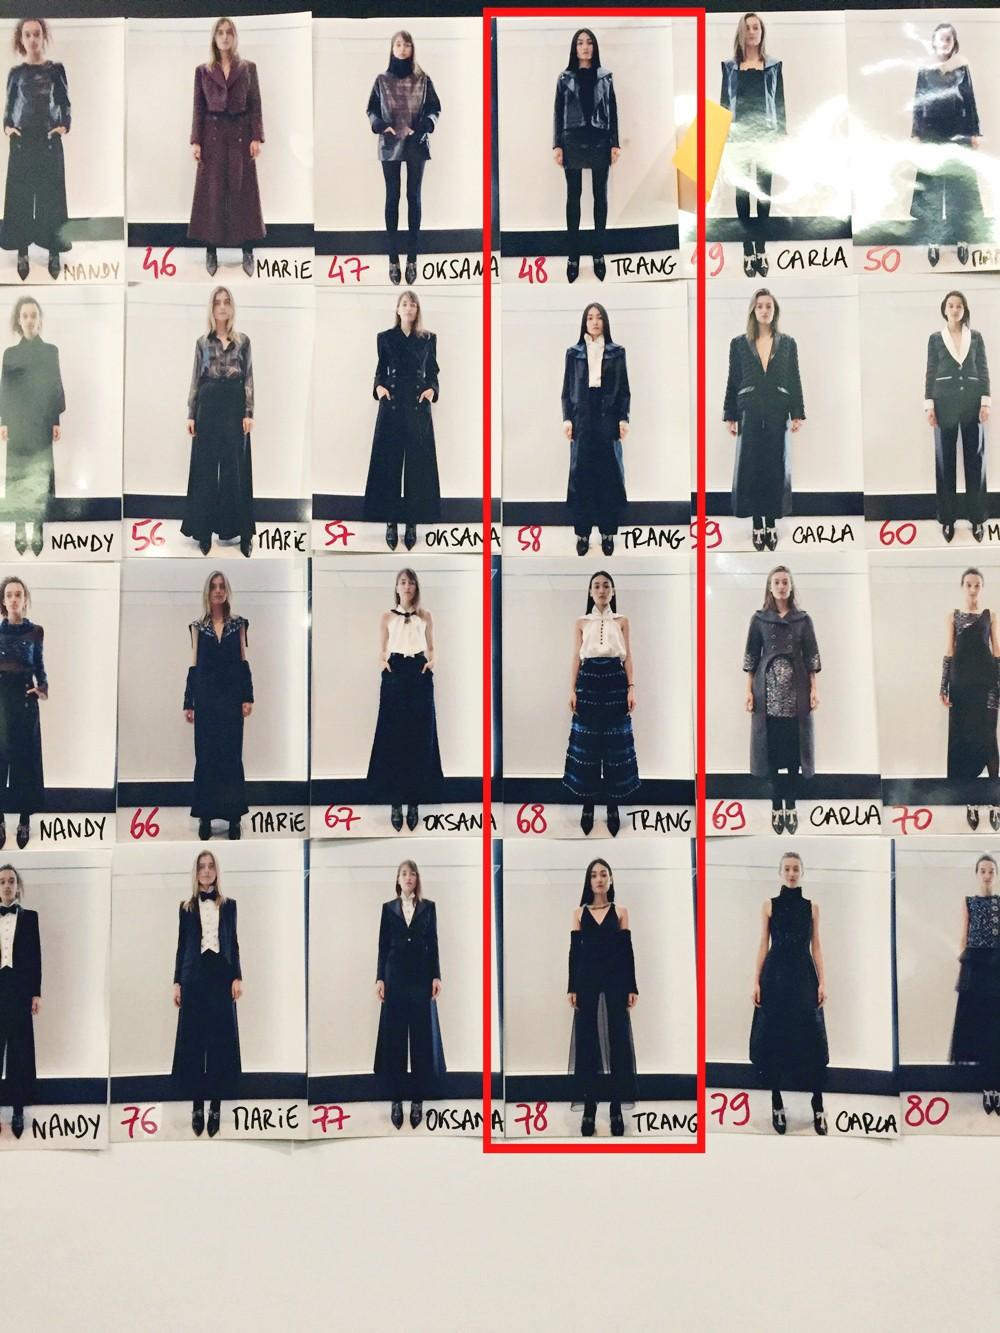 Diễn từ show Chanel đến làm mẫu cho Lancome, Thùy Trang ắt là người mẫu oách nhất năm nay! - Ảnh 4.